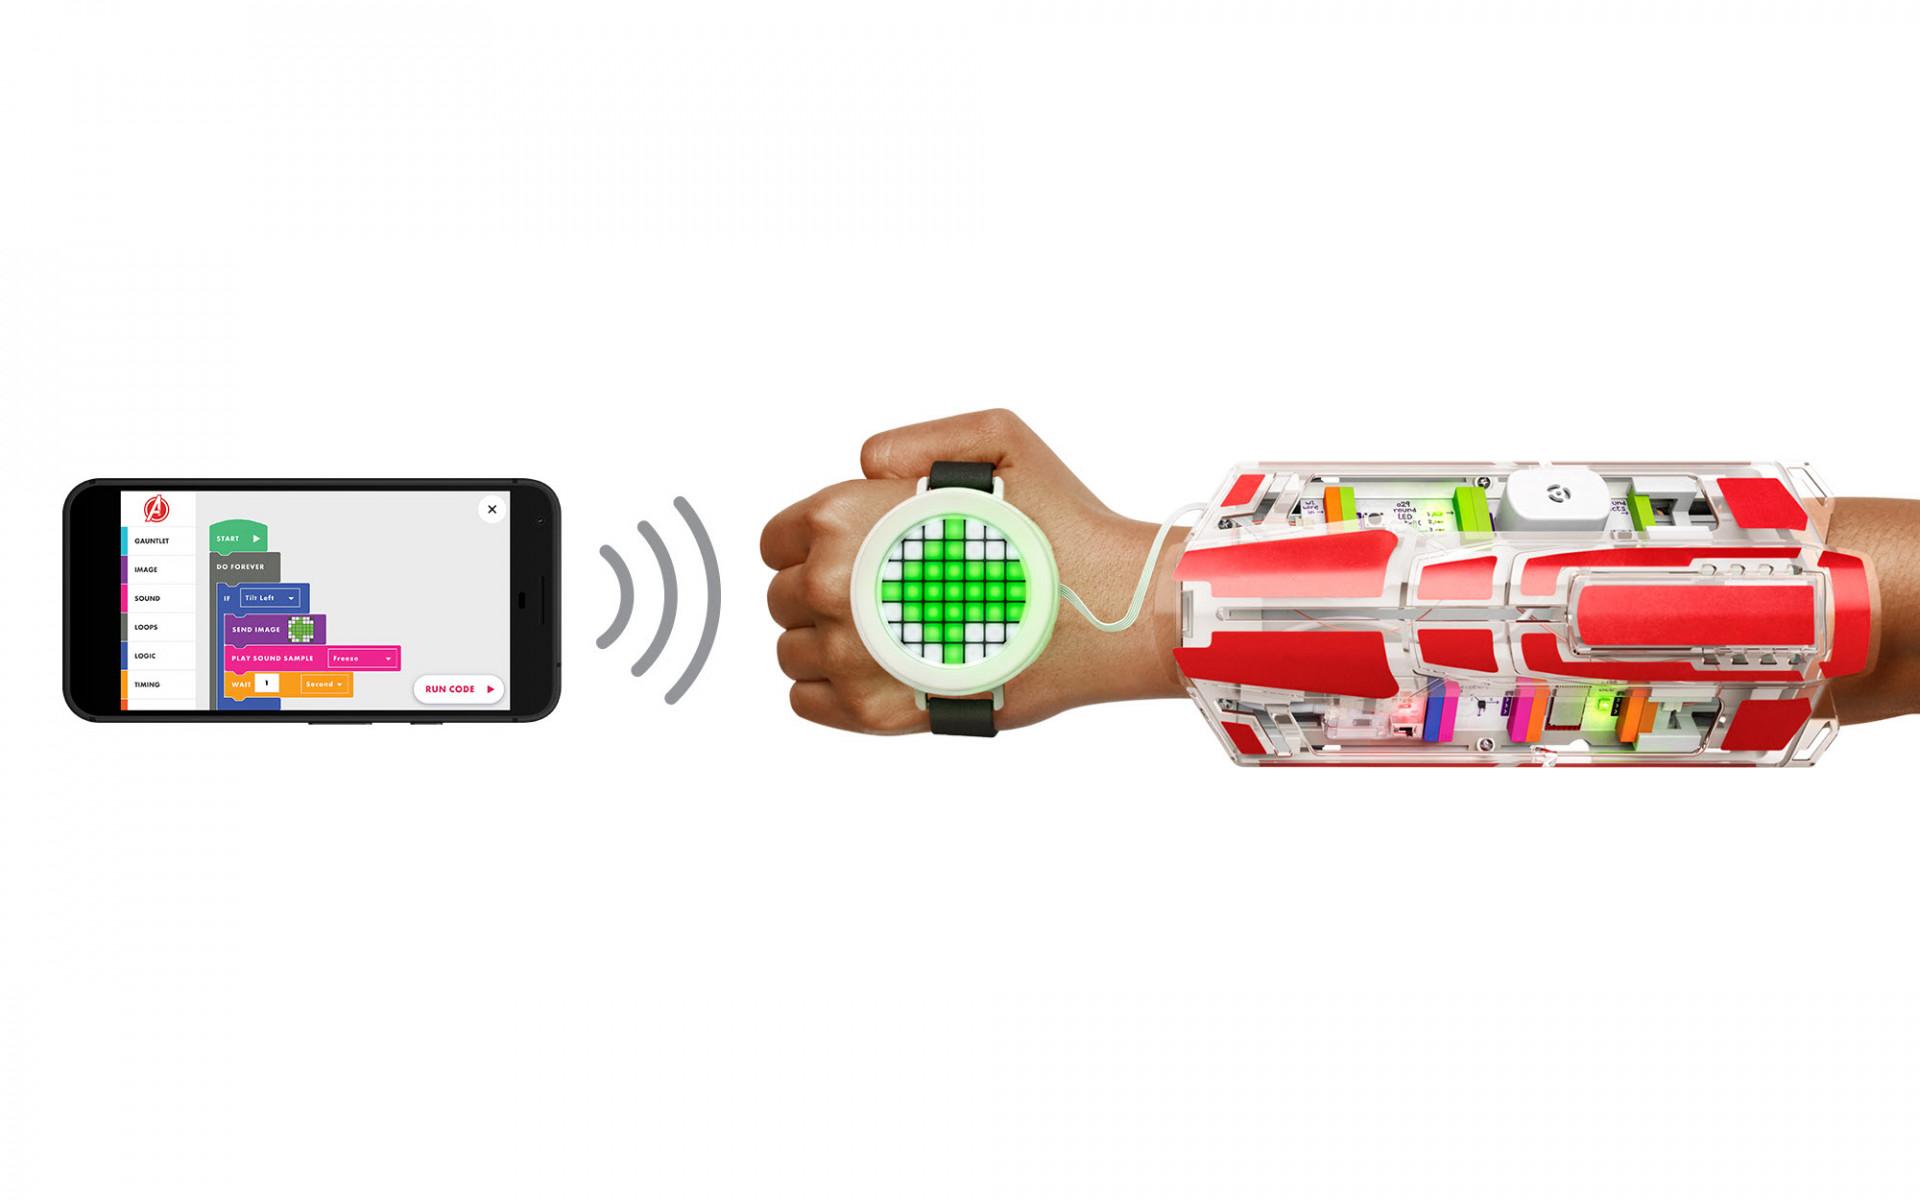 Superheldenausstattung: LittleBits Avengers-Kit jetzt erhältlich